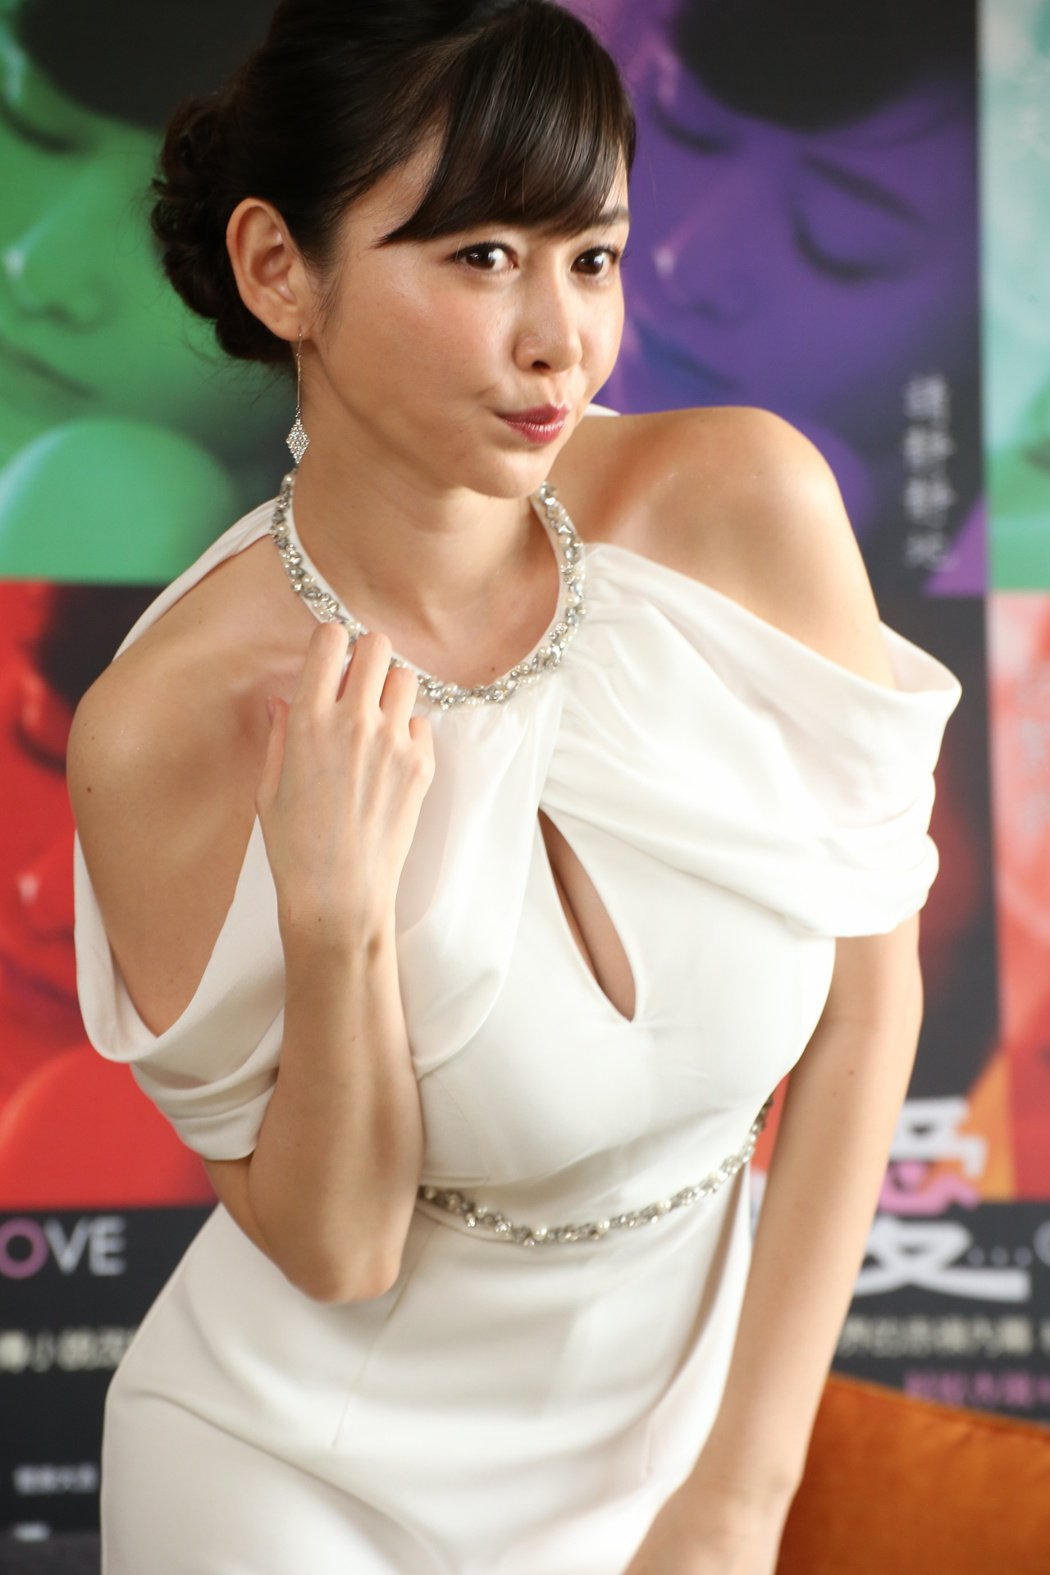 日本寫真女星杉原杏璃。記者陳立凱/攝影